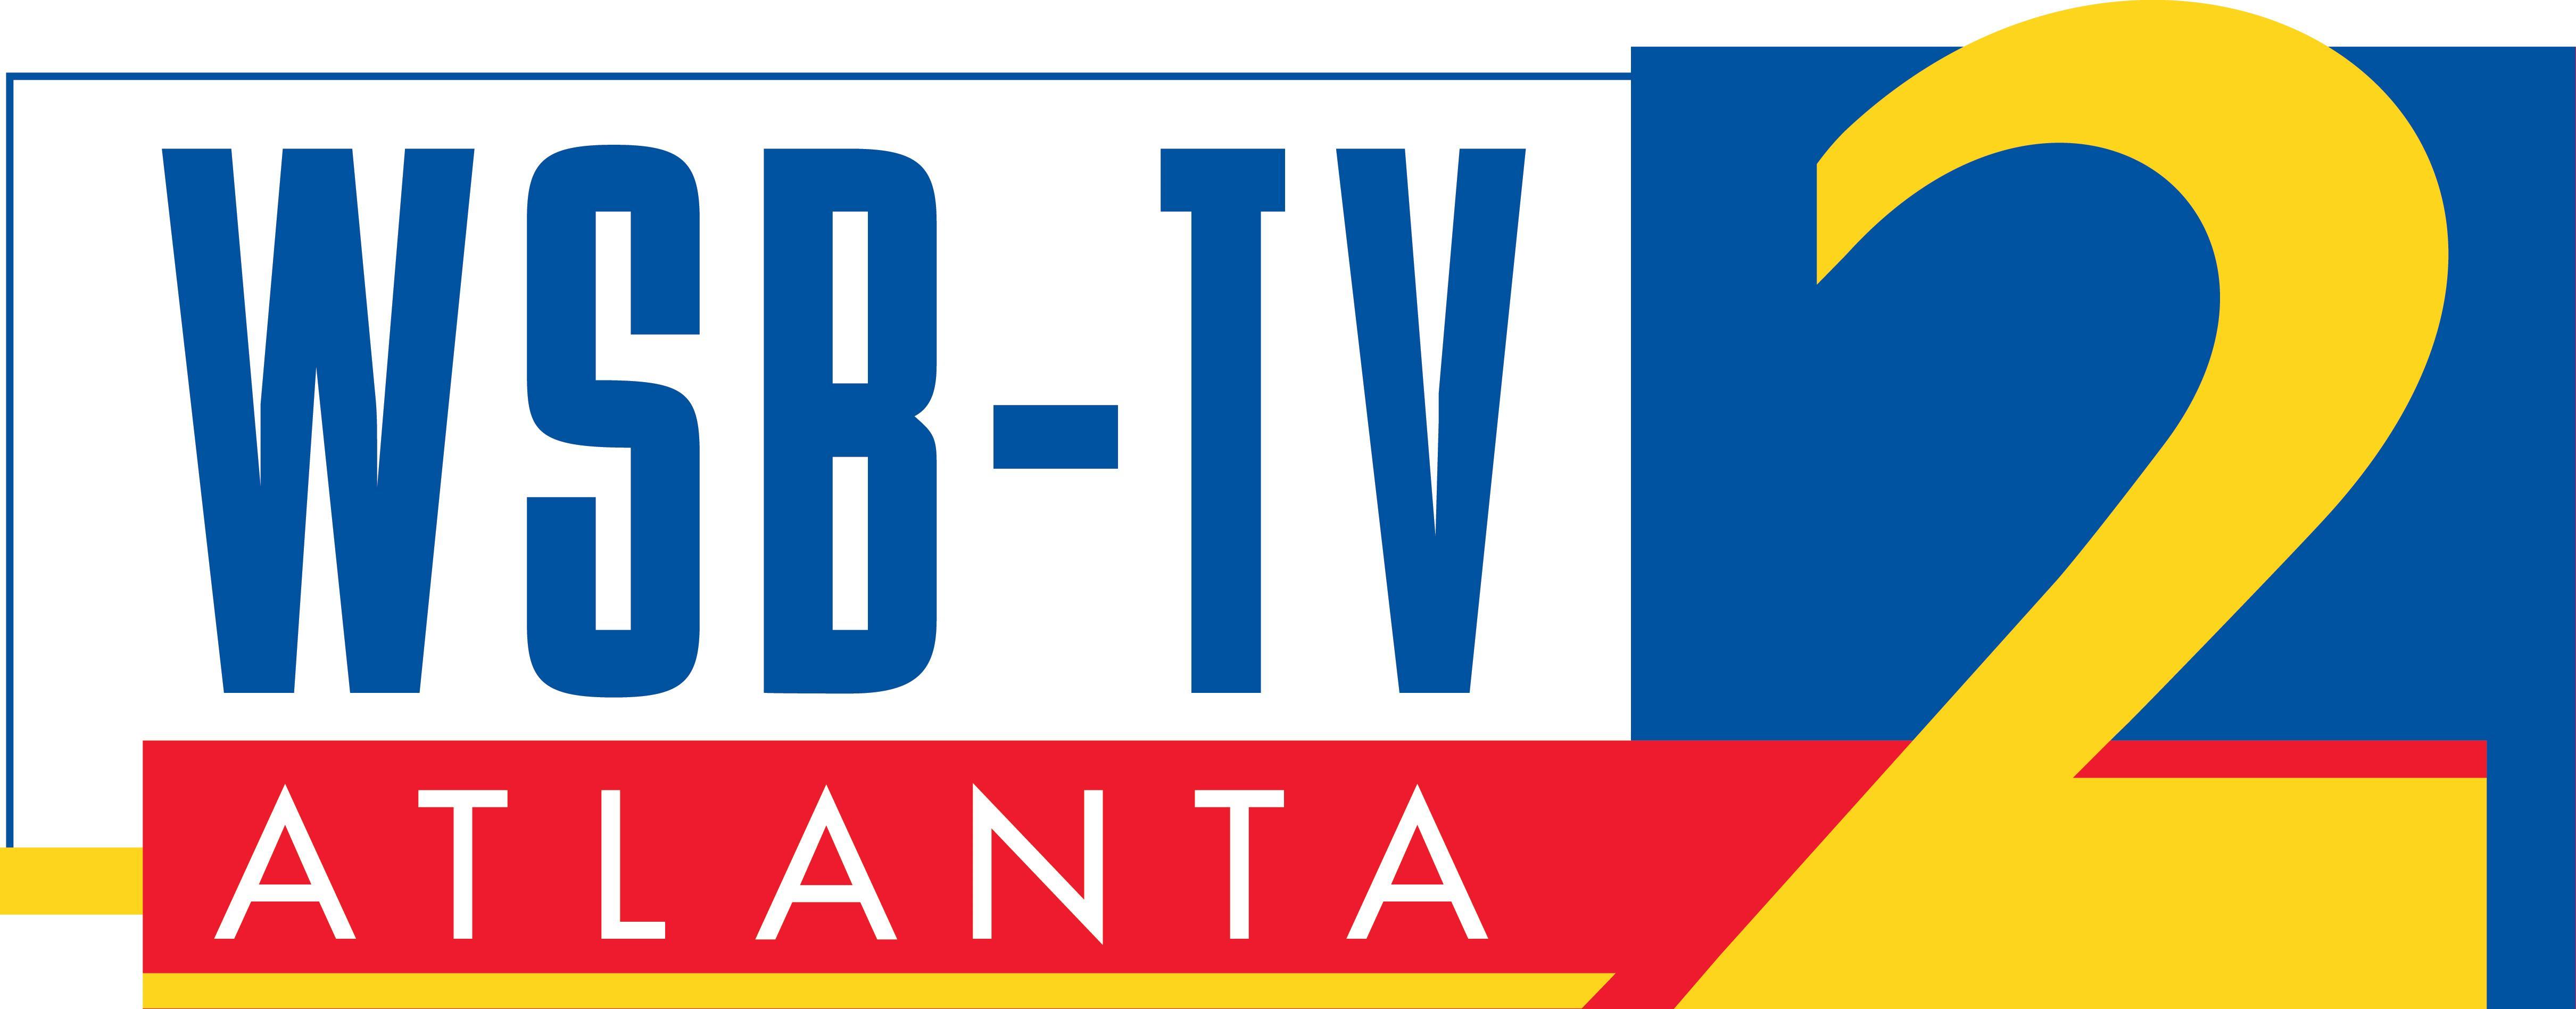 WSB-TV_Atlanta.png